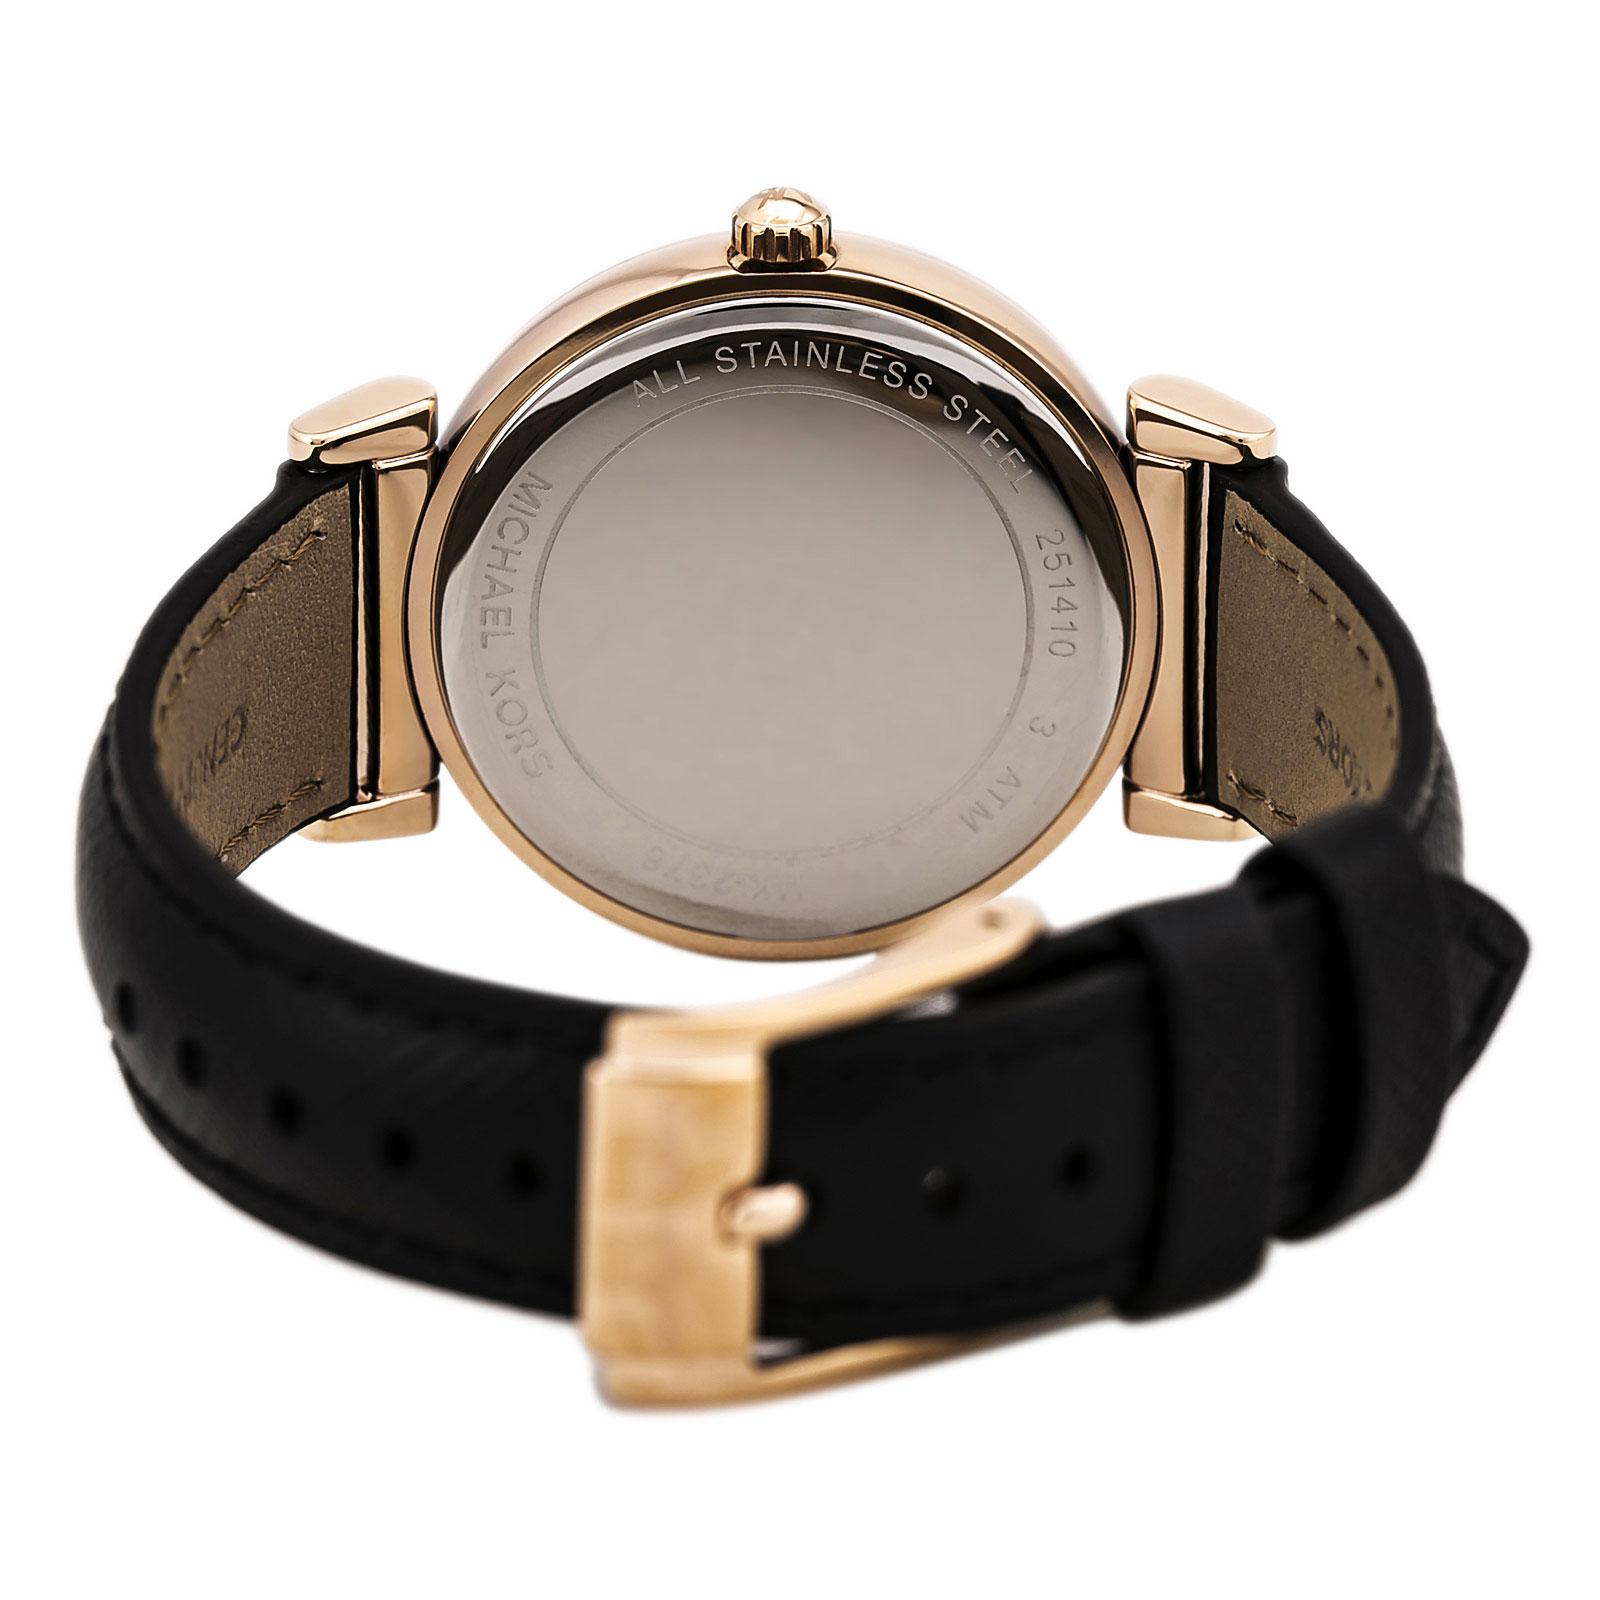 美國Outlet 正品代購 MichaelKors MK 玫瑰金鑲鑽 黑色皮帶三環計時手錶腕錶 MK2376 4